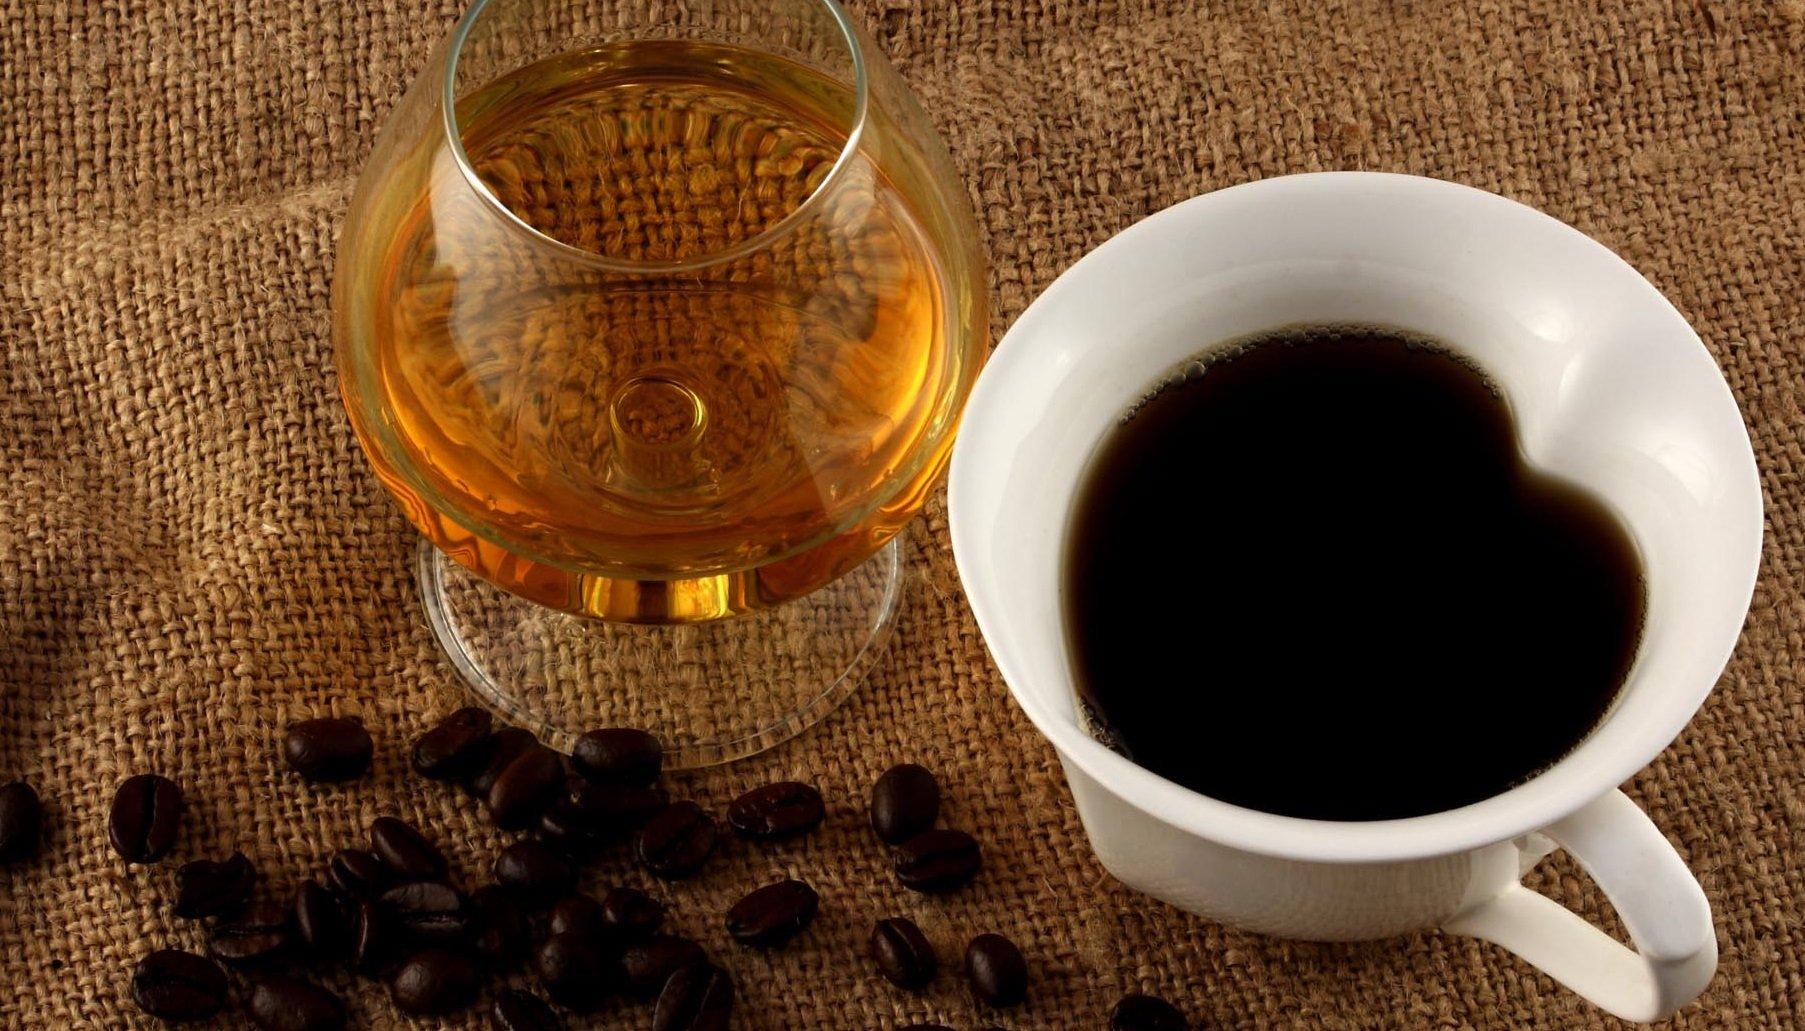 Кофе с алкоголем – коктейль, разрывающий сосуды: врачи призывают к благоразумию - today.ua